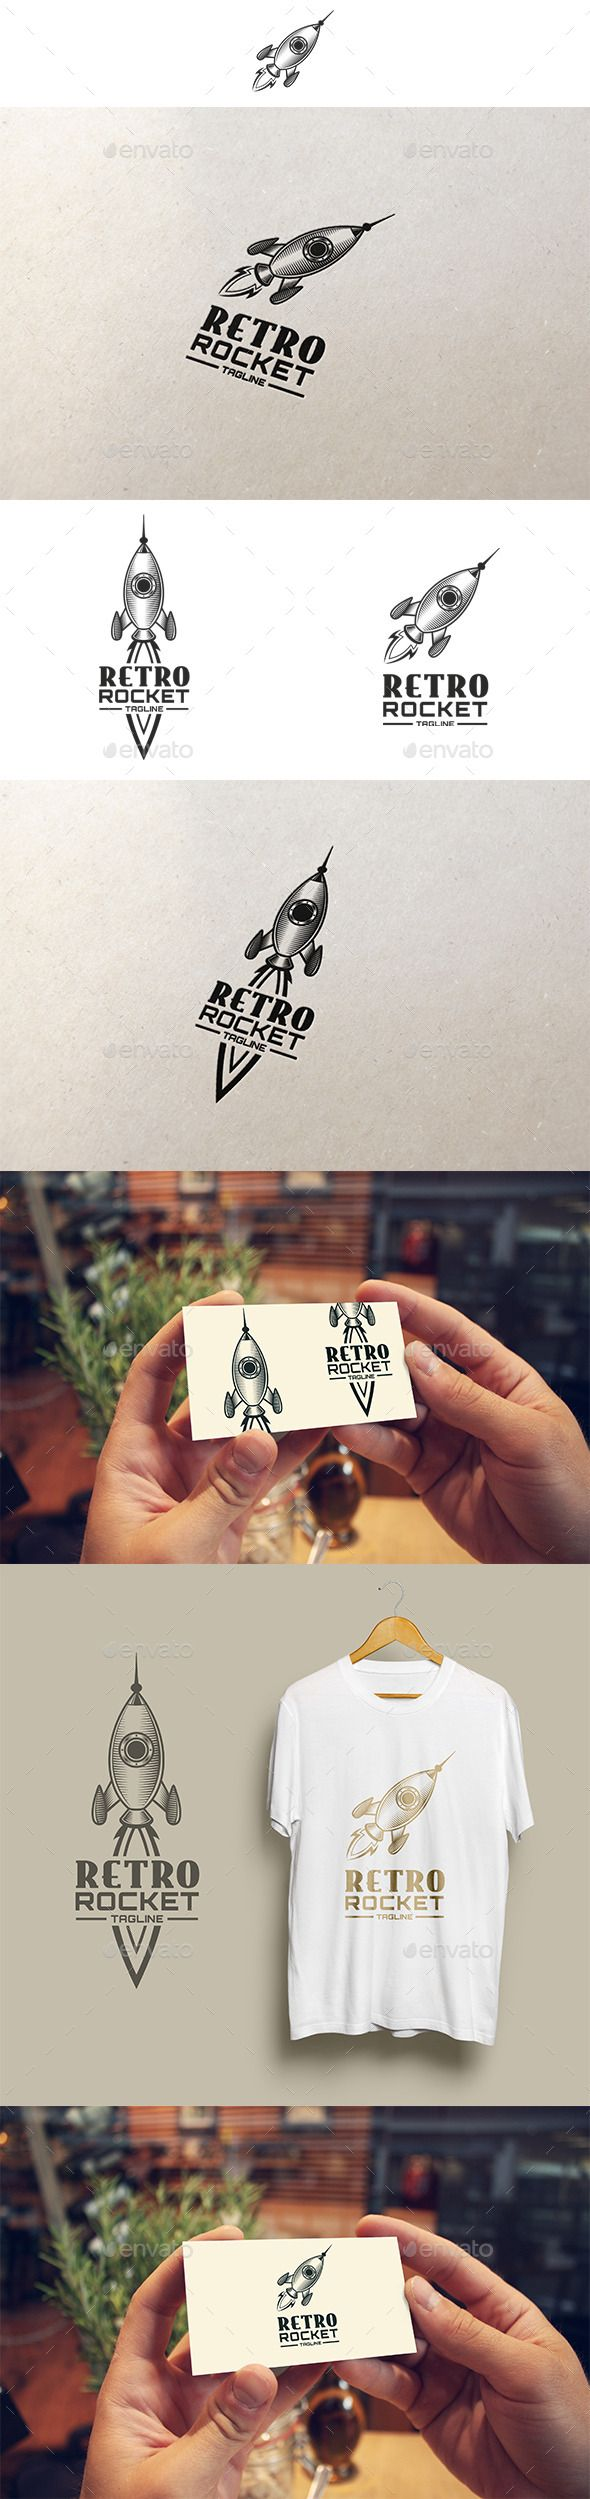 Retro Rocket Logo — Vector EPS #vintage #retro • Download ➝ https://graphicriver.net/item/retro-rocket-logo/12447983?ref=pxcr